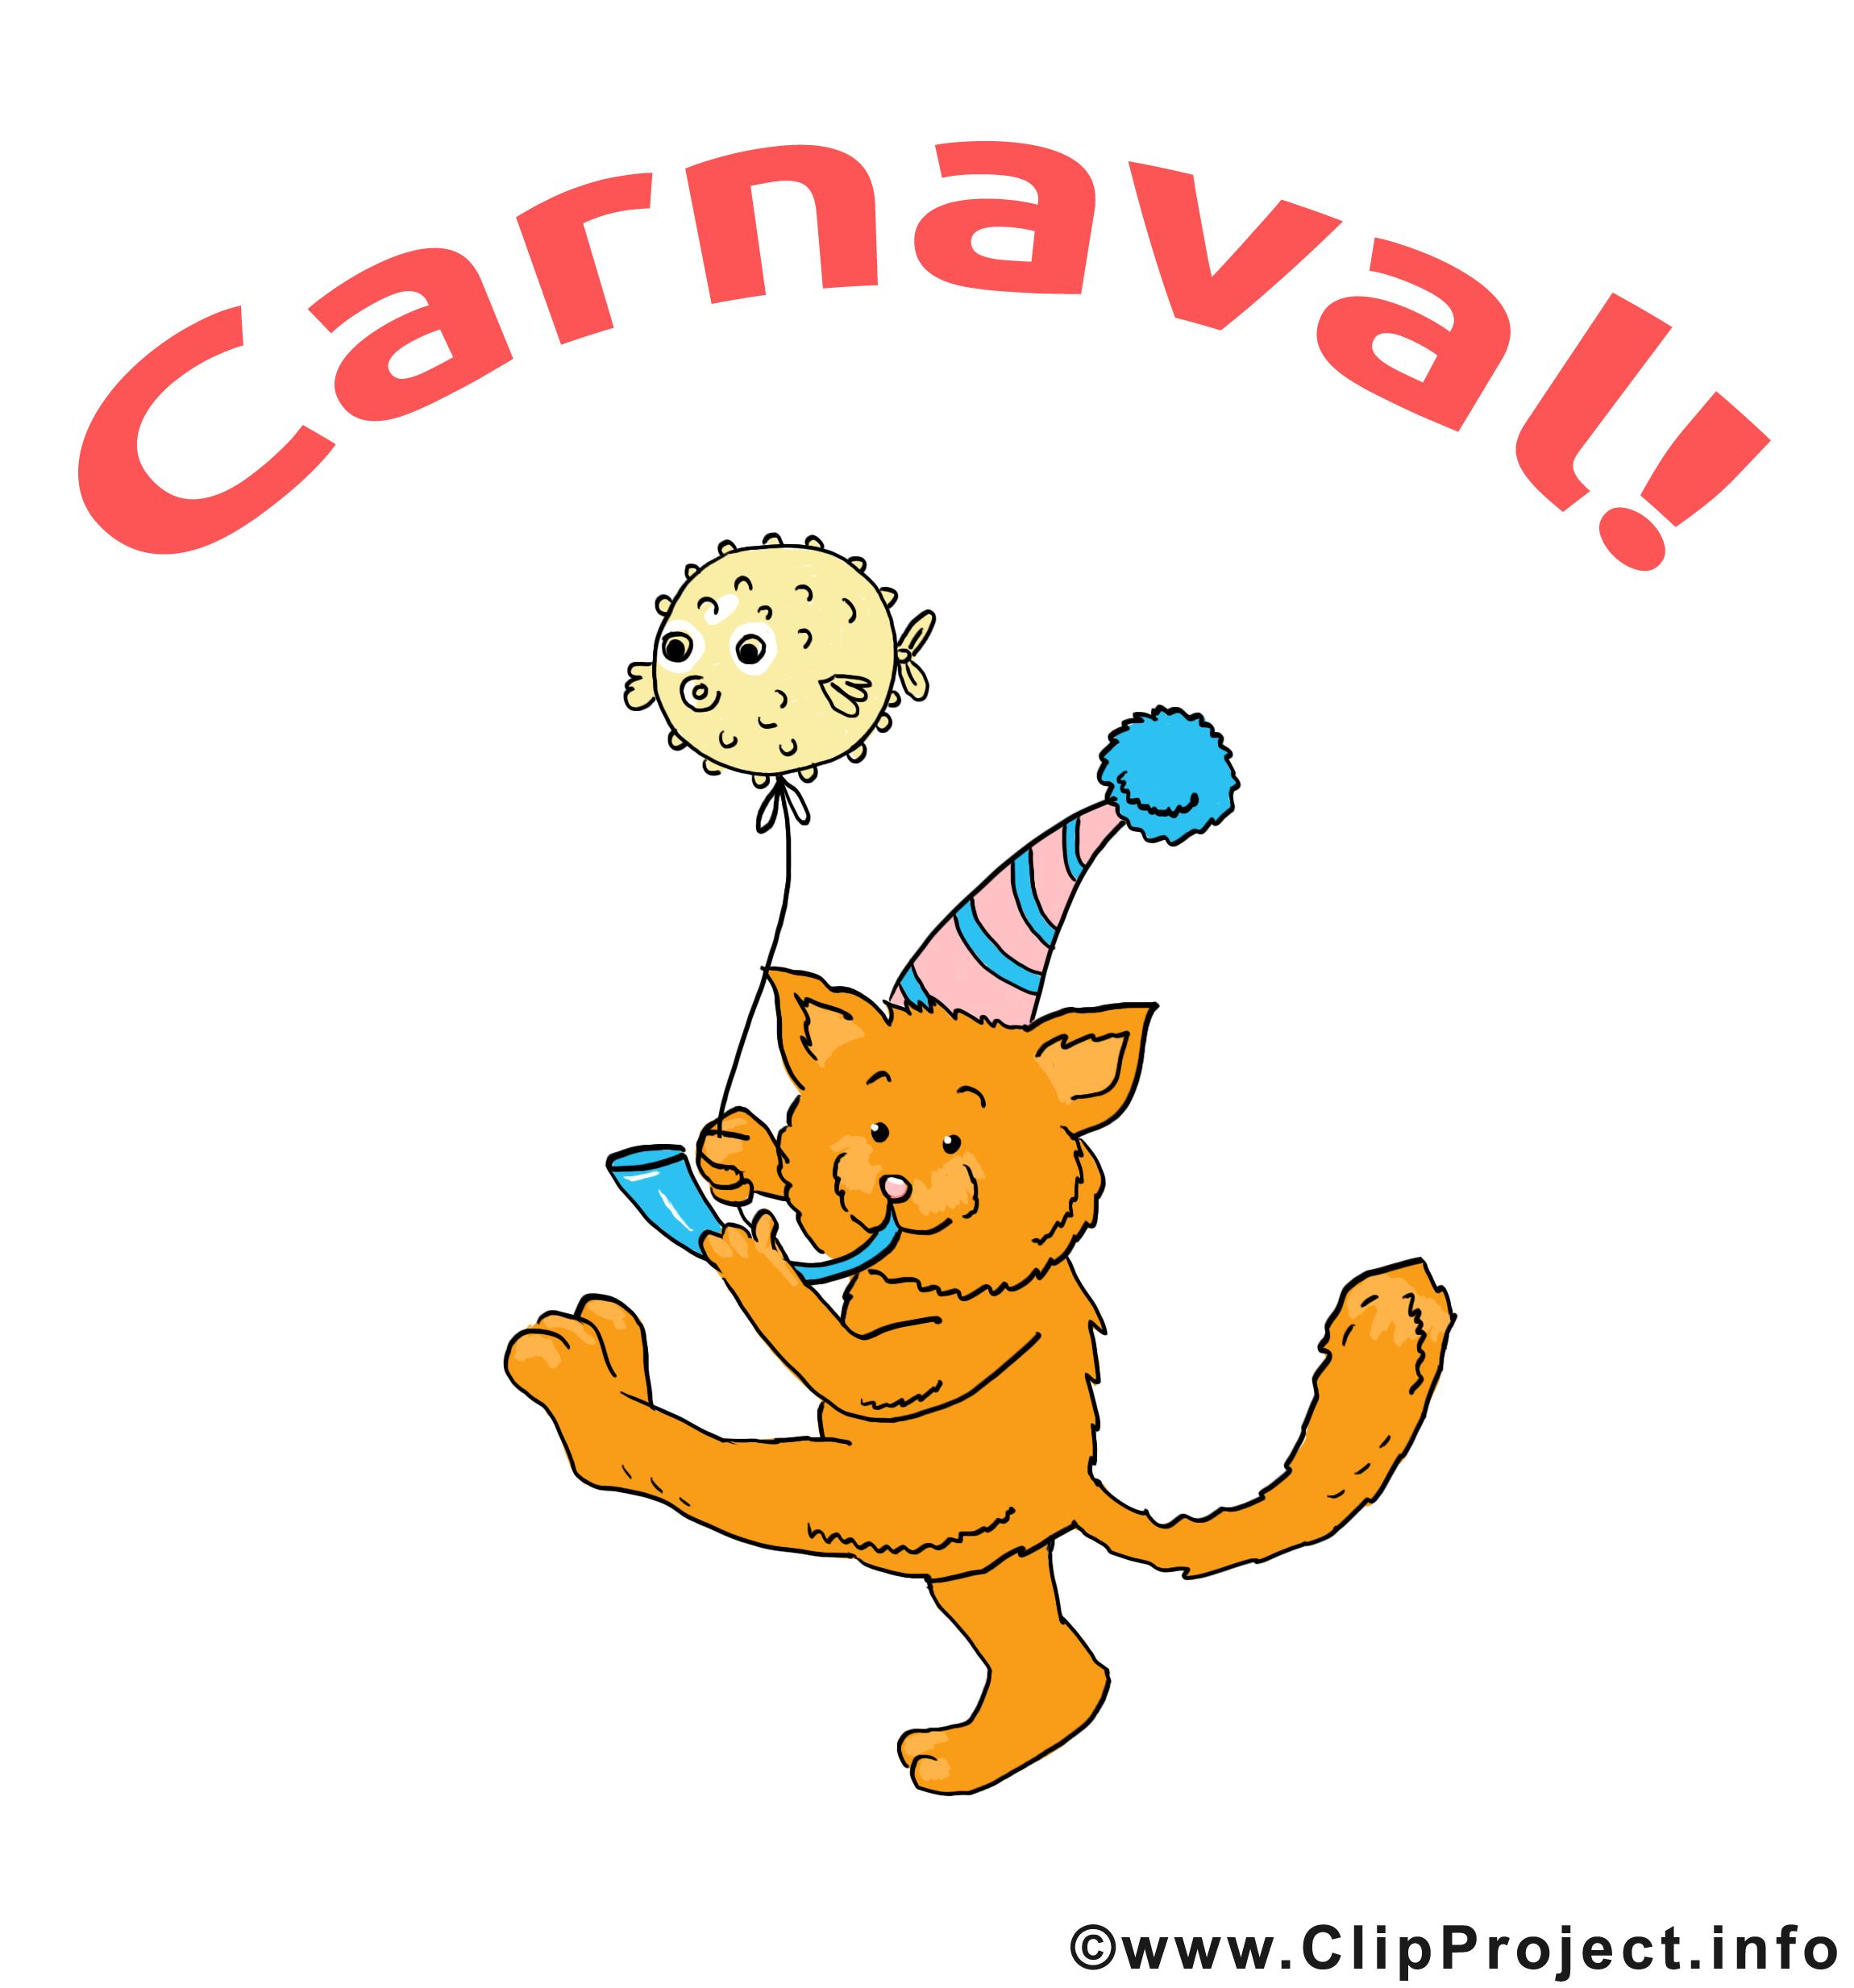 Chat dessin gratuit – Carnaval image